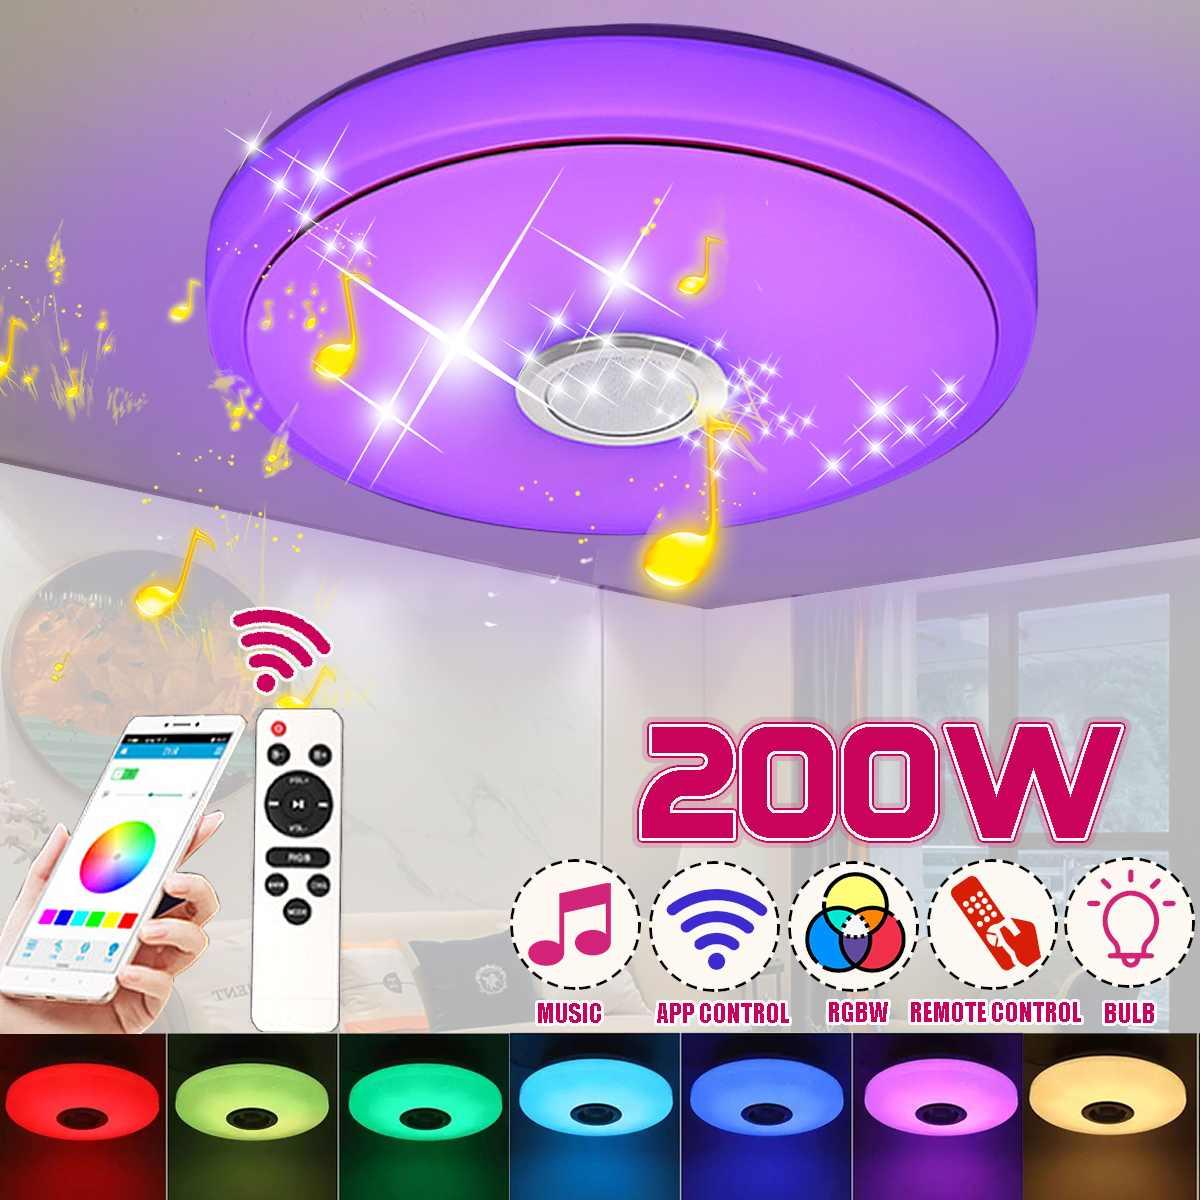 مصباح سقف LED ، موسيقى ذكية ، RGB ، 200 واط ، جهاز تحكم عن بعد ، 220 فولت ، حديث ، بلوتوث ، عاكس الضوء ، ملون ، جديد